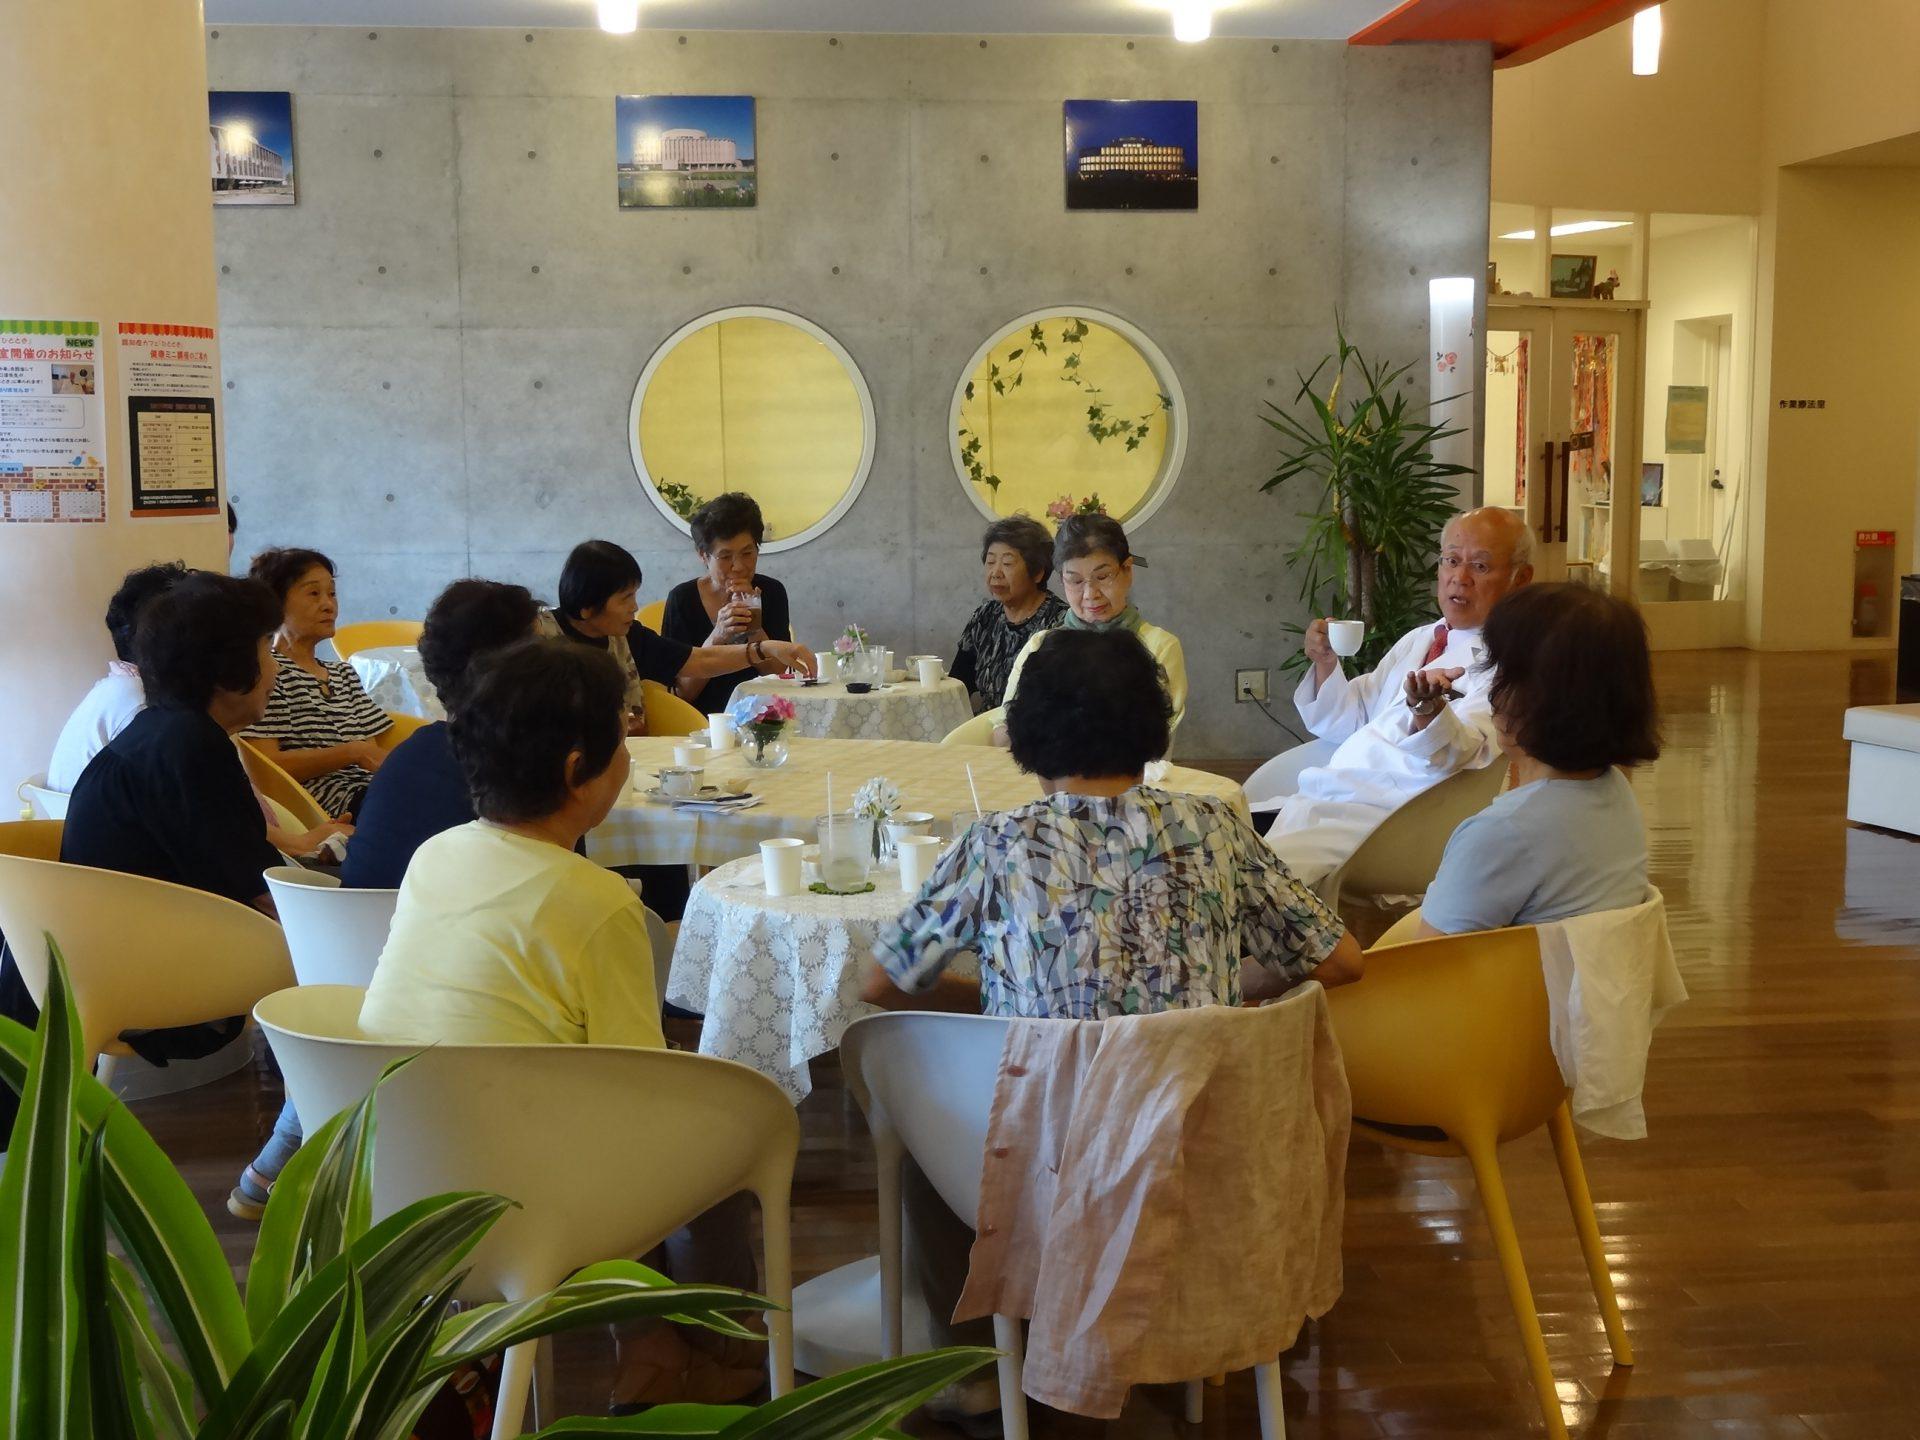 認知症カフェ「ひととき」 7月『堀口教室』開催